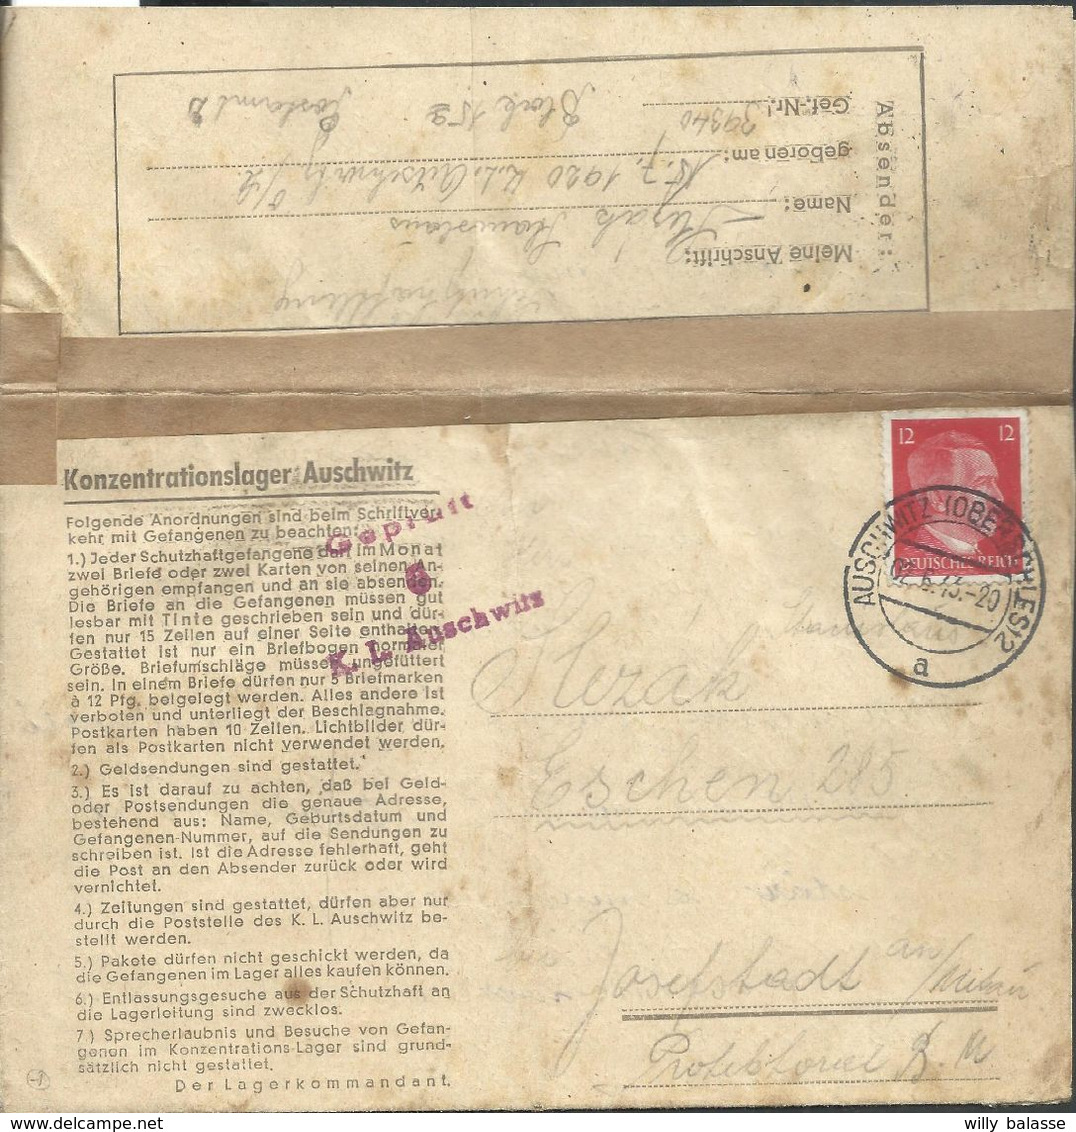 L. Konzentrationslager Auschwitz Affr 12  Pfg Càpt AUSCHWITZ (OBERSCHLES)2/1943 + Cens D'Auschwitz Pour Josephbad - Duitsland